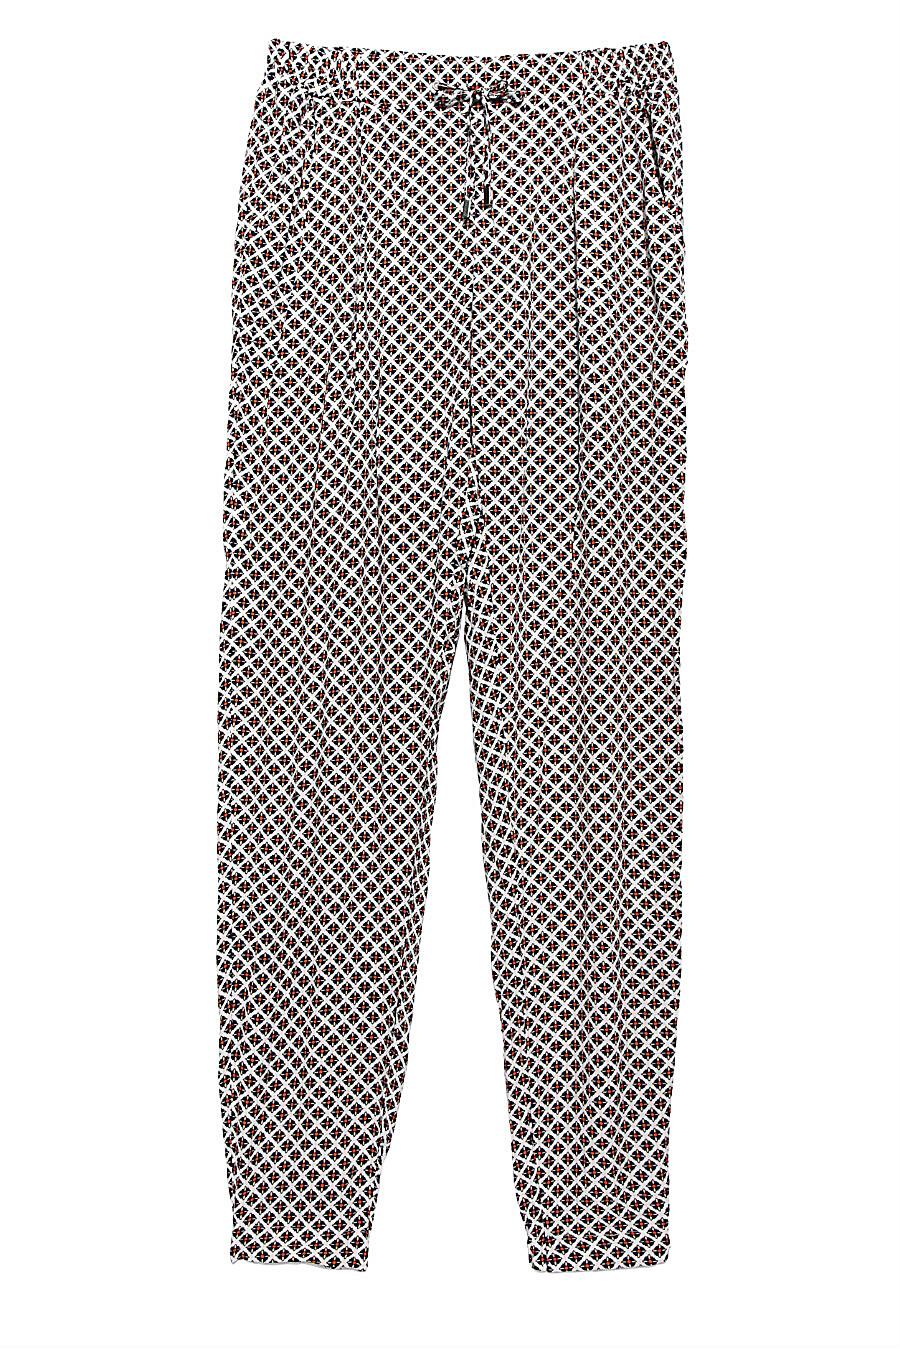 Брюки CONTE ELEGANT (109842), купить в Moyo.moda